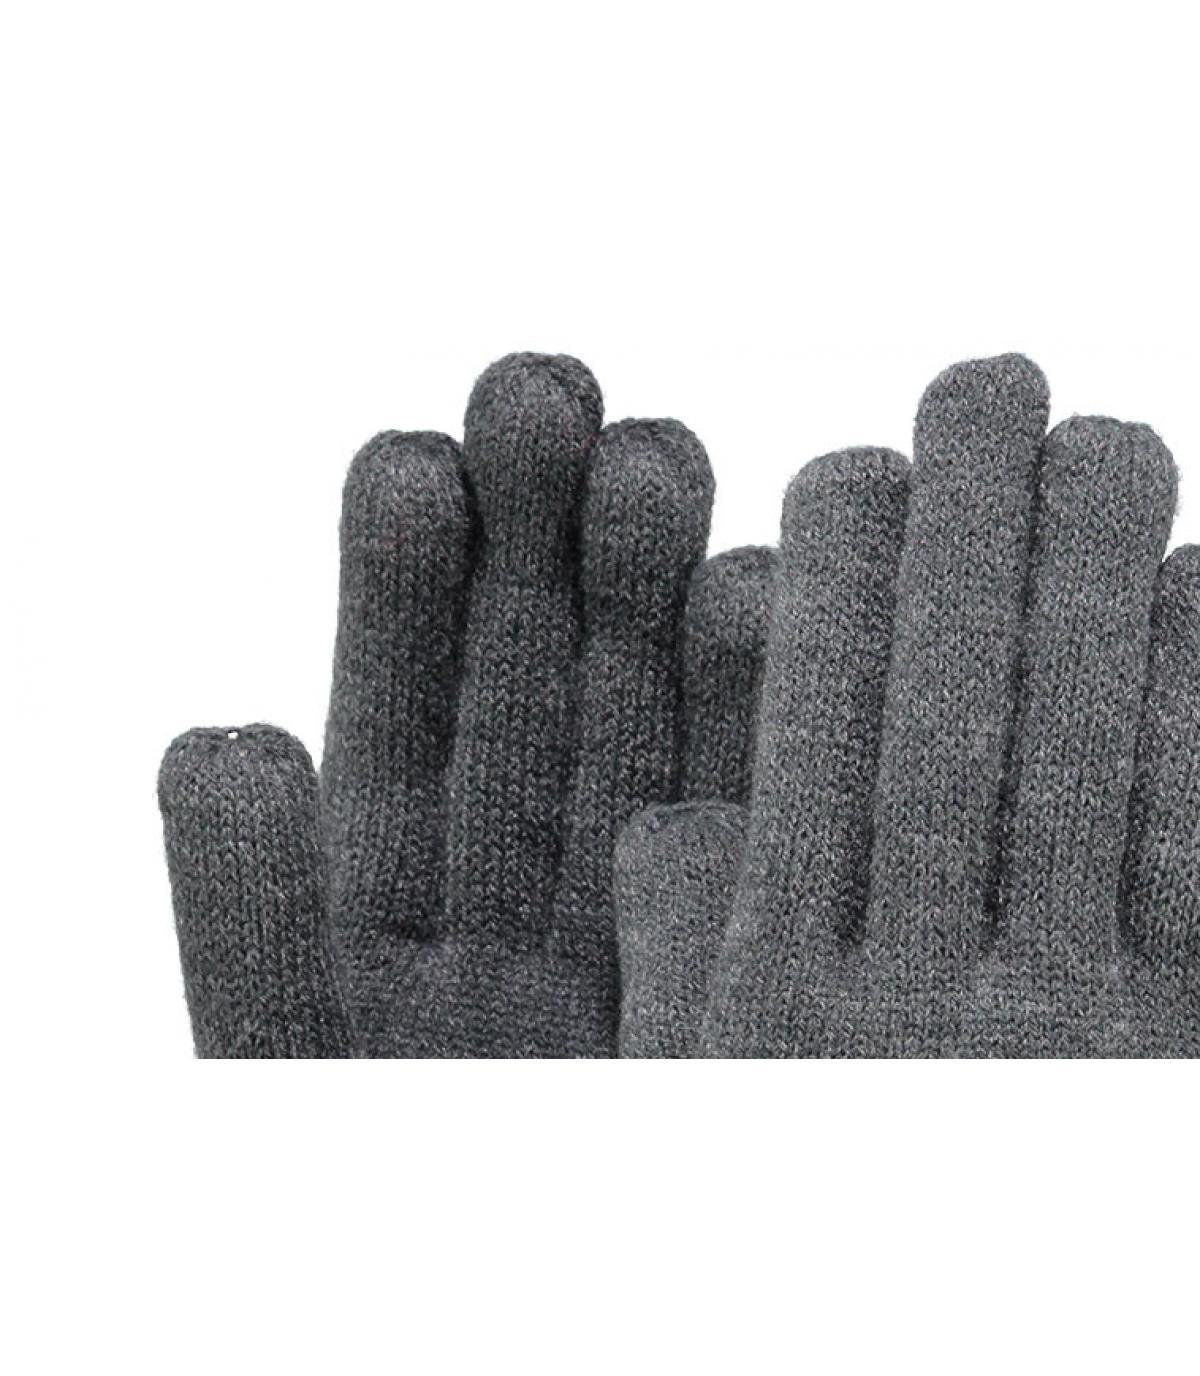 Details Feine gestrickte Handschuhe dunkelgrau - Abbildung 2